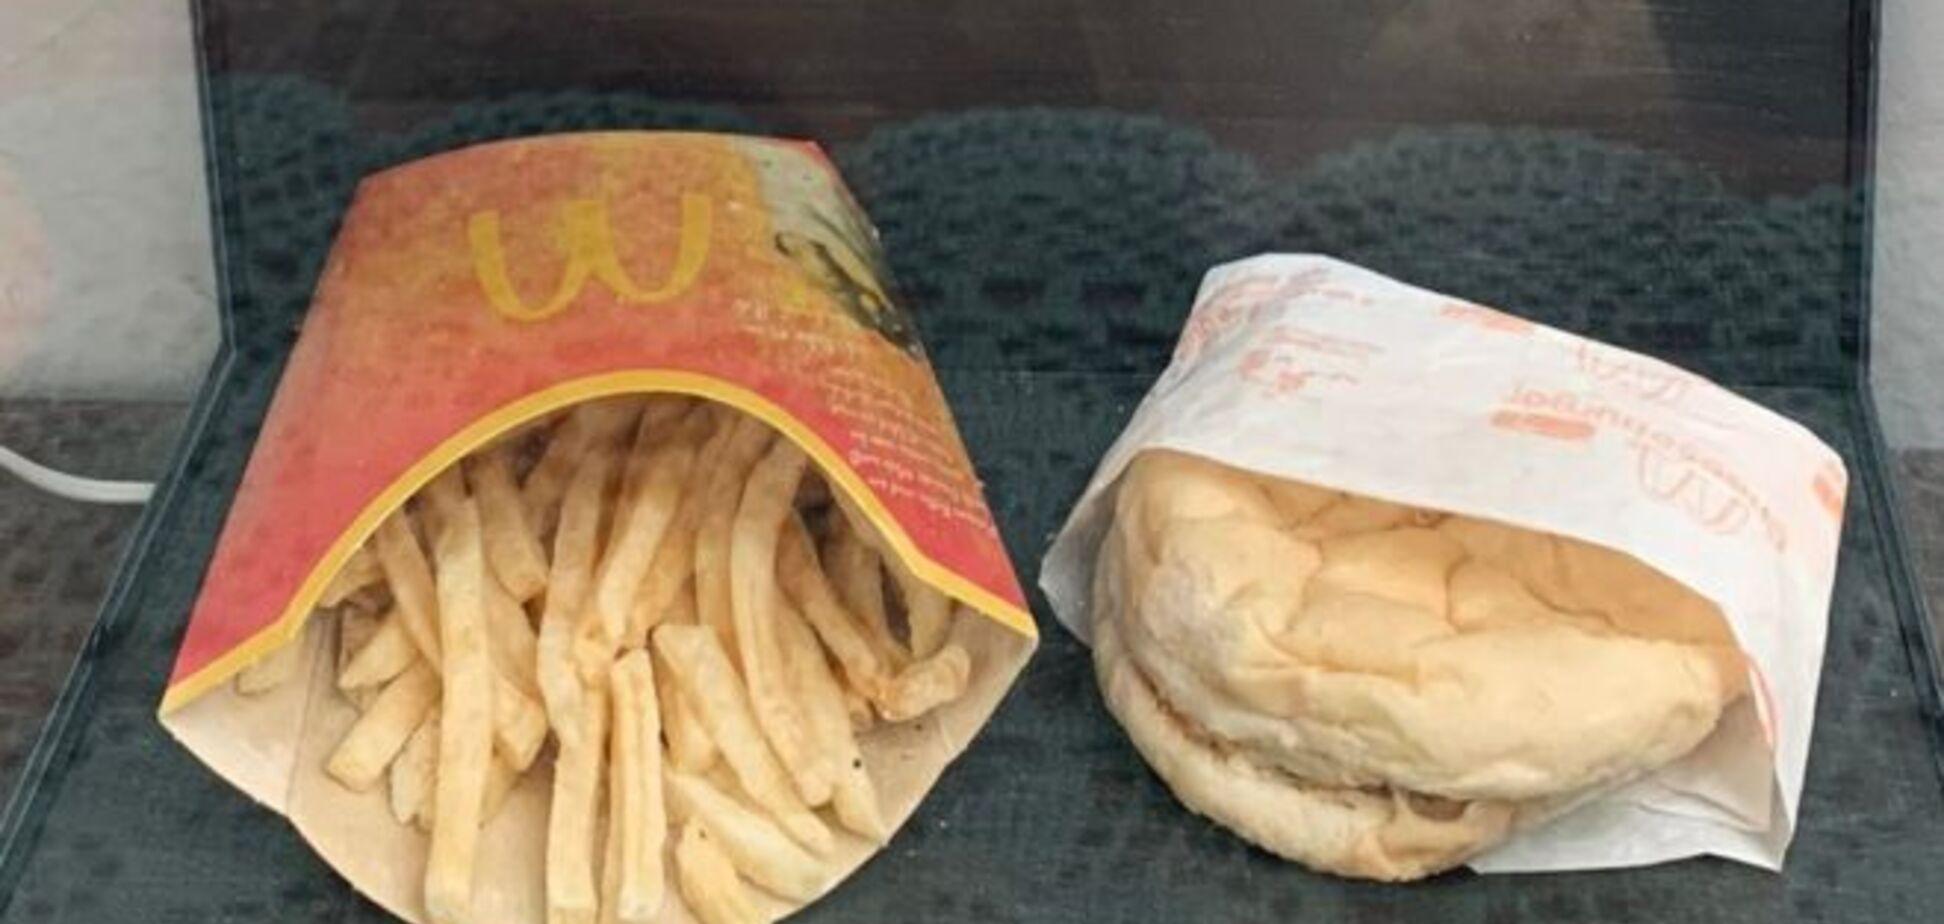 Результаты впечатляют: мужчина 10 лет хранил еду из McDonald's и показал фото